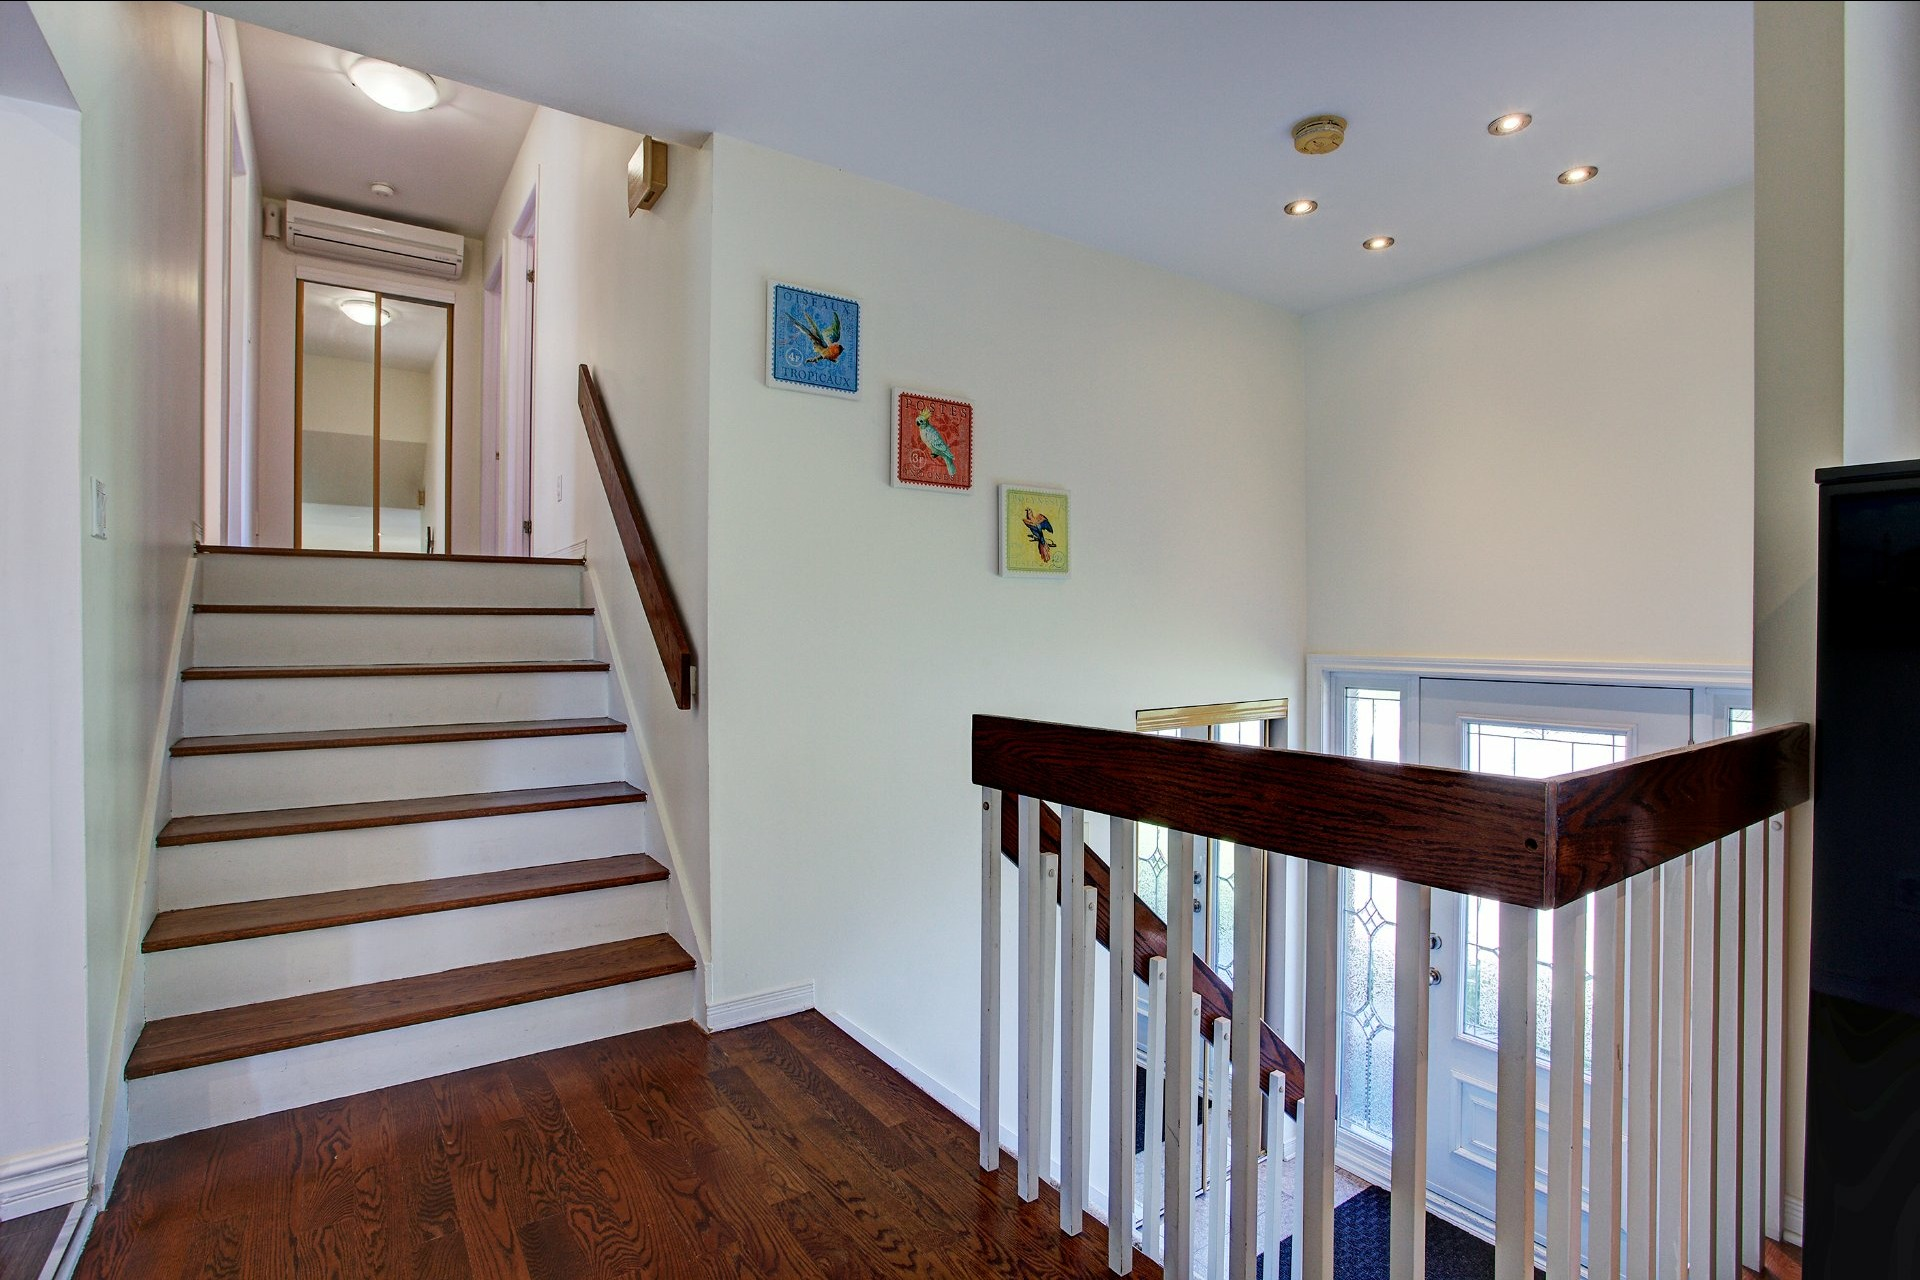 image 2 - Maison À vendre Montréal Pierrefonds-Roxboro  - 10 pièces